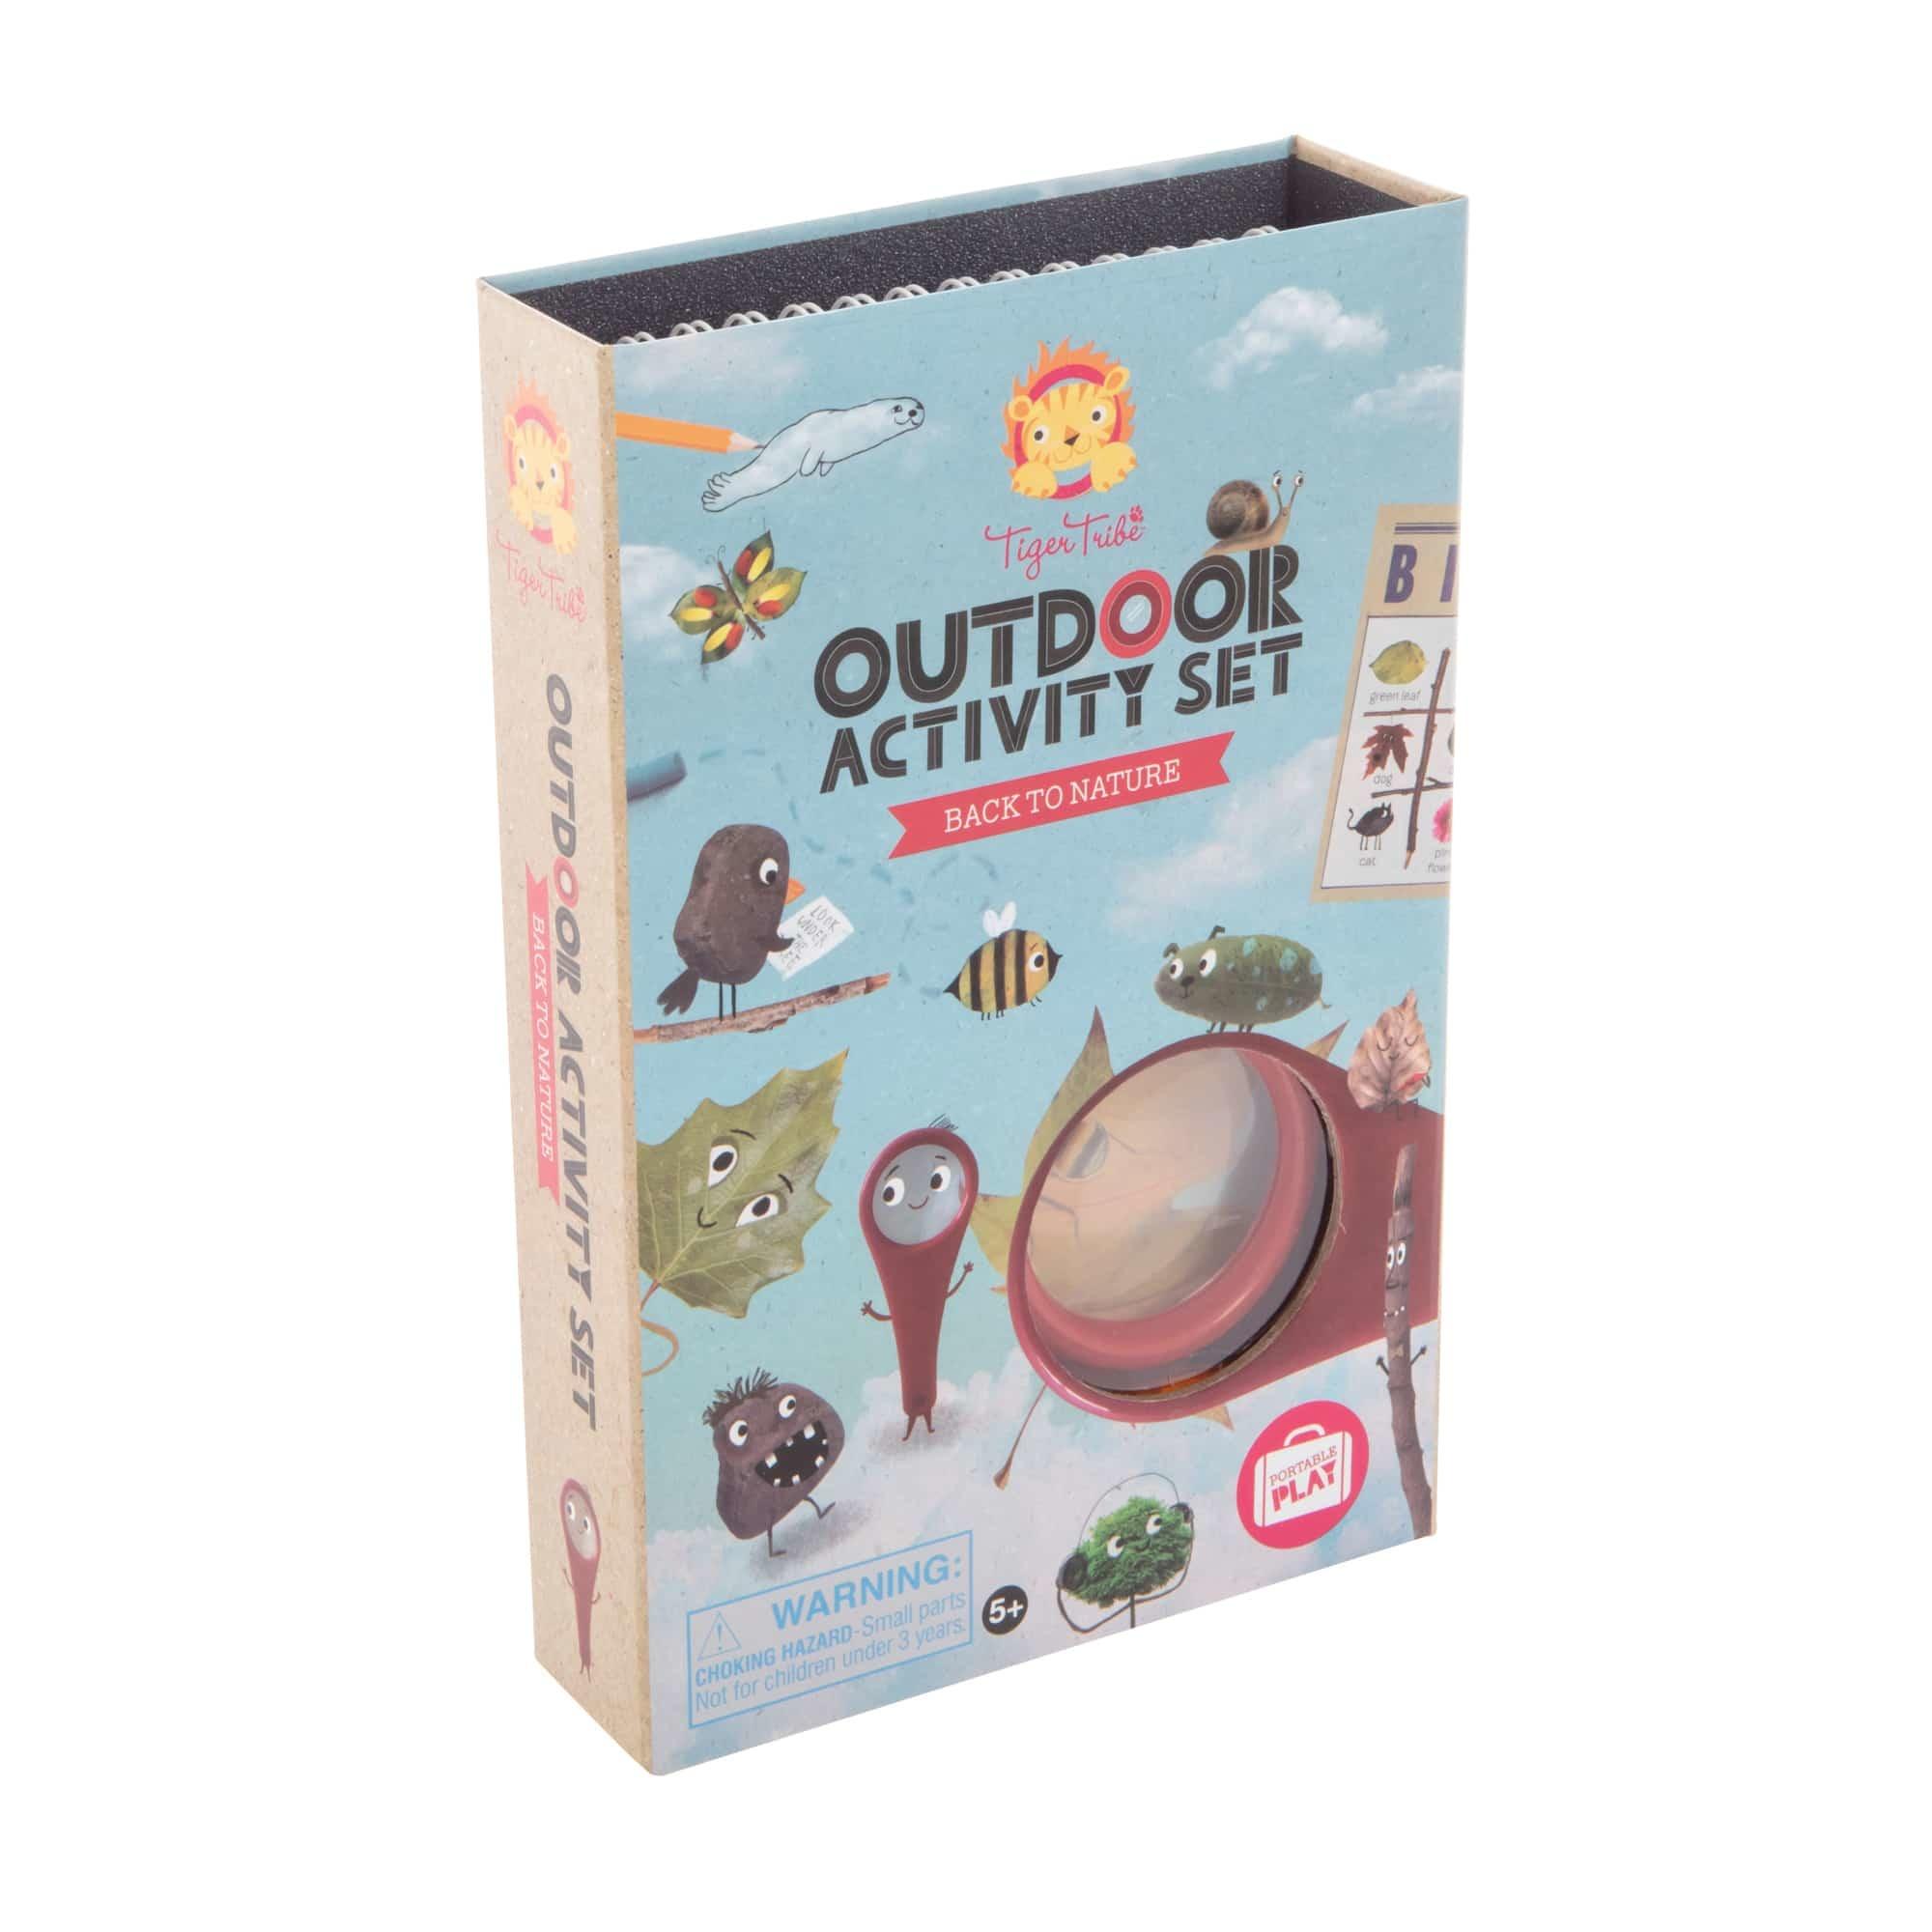 Outdoor Activity Set-1